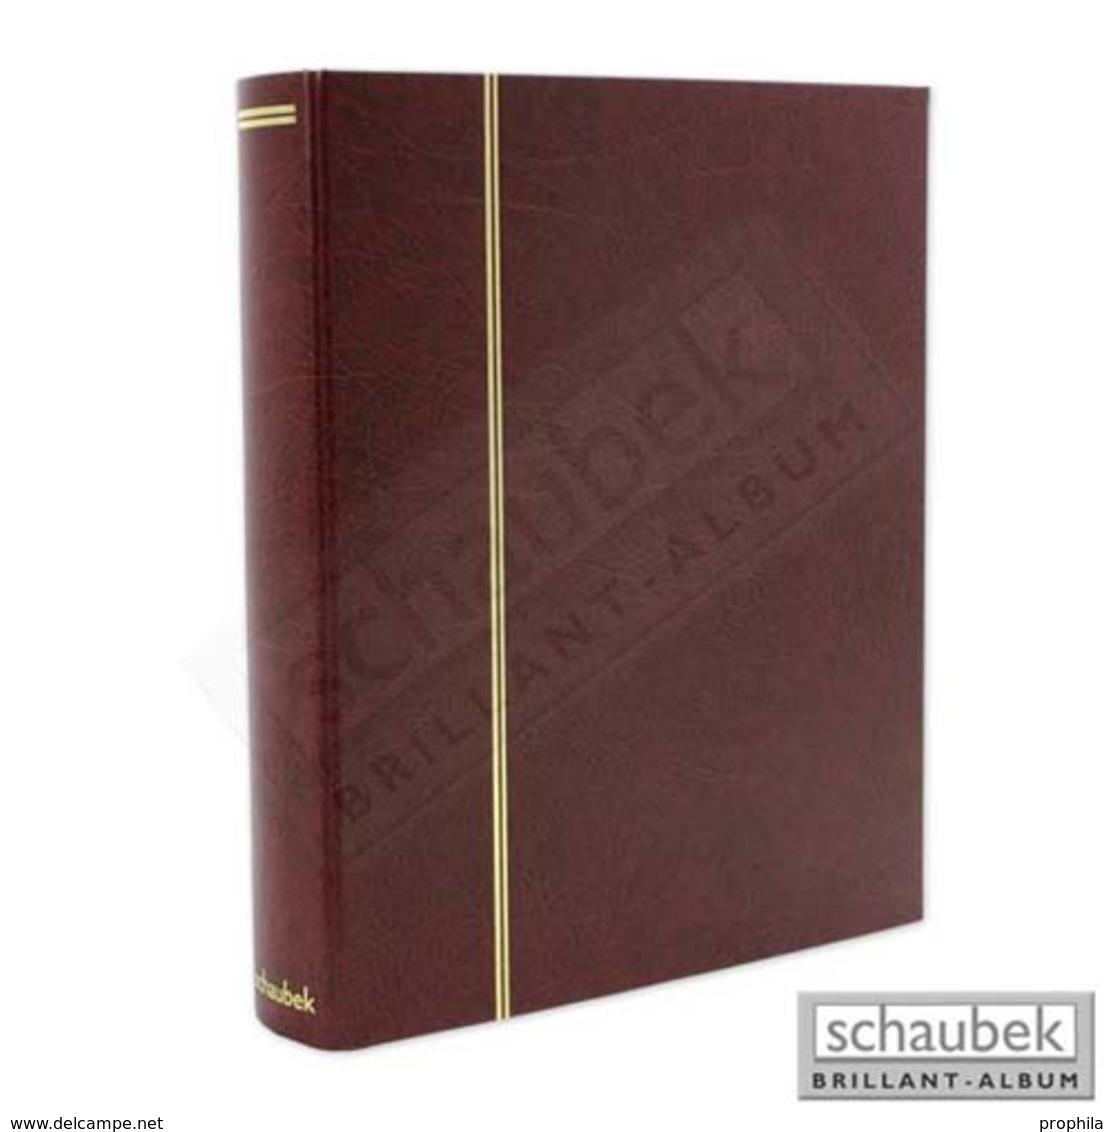 Schaubek Rb-1131 Universal-Folienblattalbum Attaché Für Postkarten. Mit 20 Blatt Fo-113 Für Je 4 Postkarten Rot - Klemmbinder